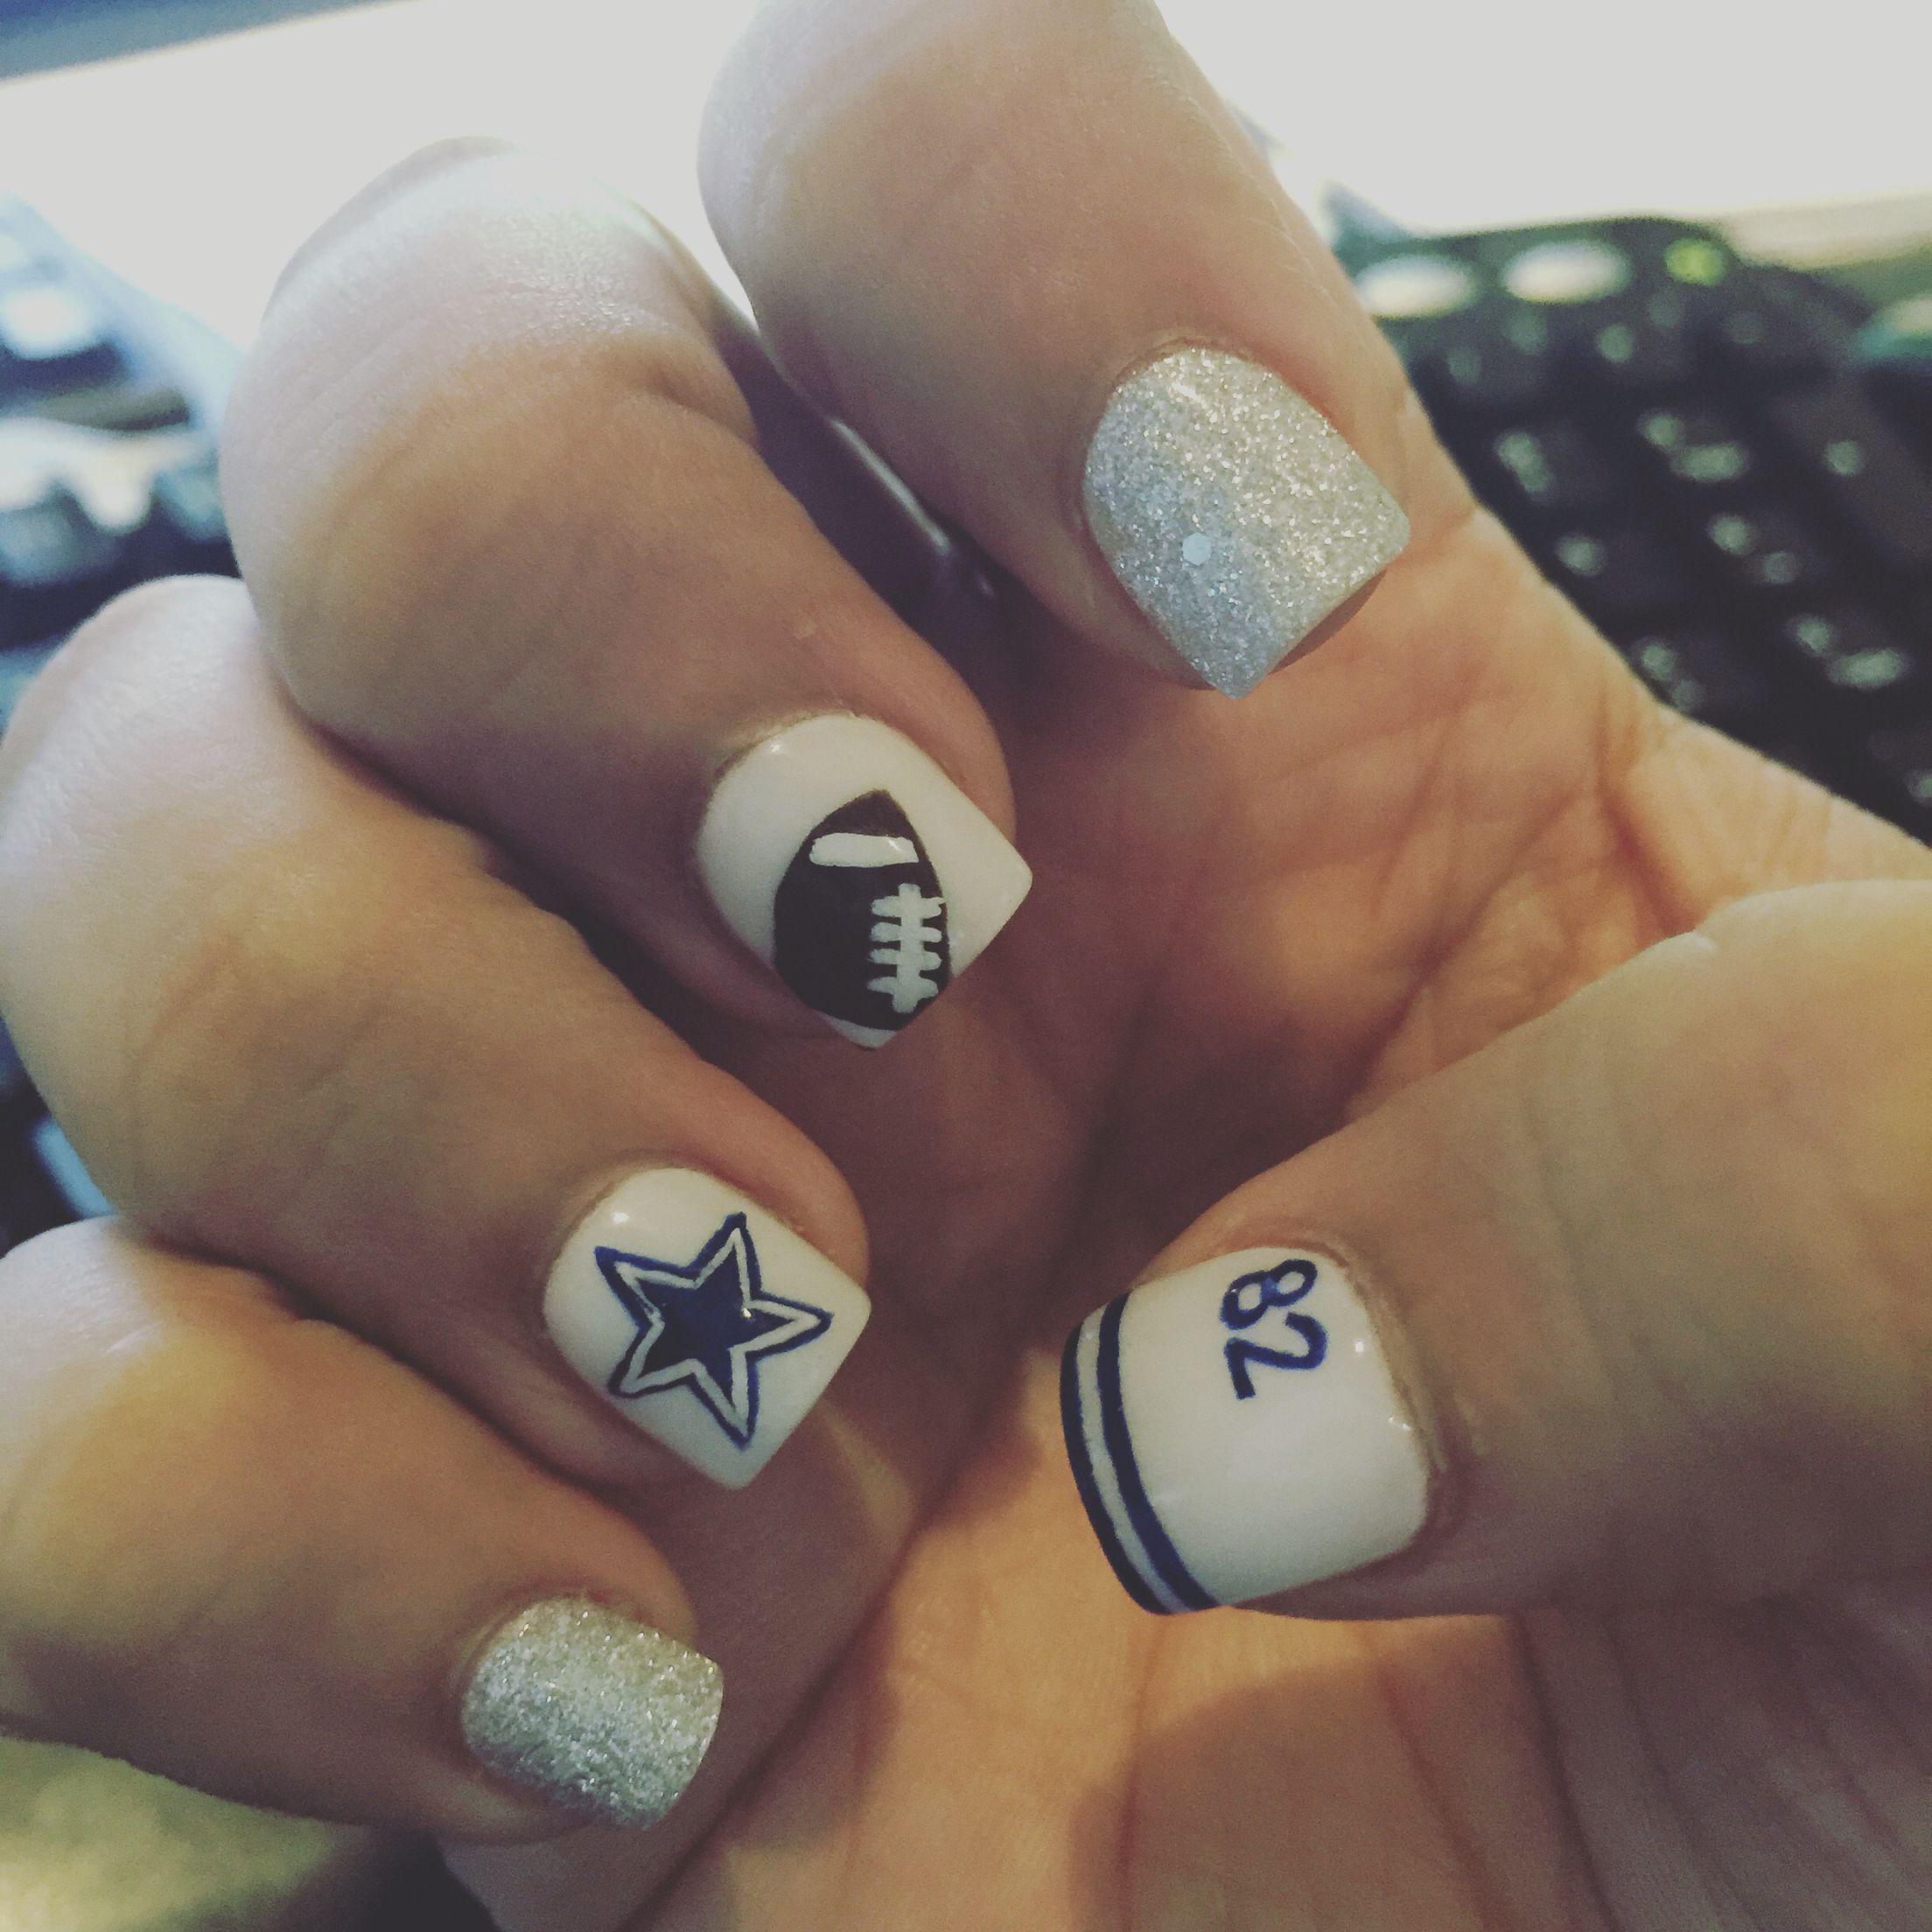 Dallas Cowboys Nails | My nails | Pinterest | Dallas cowboys nails ...